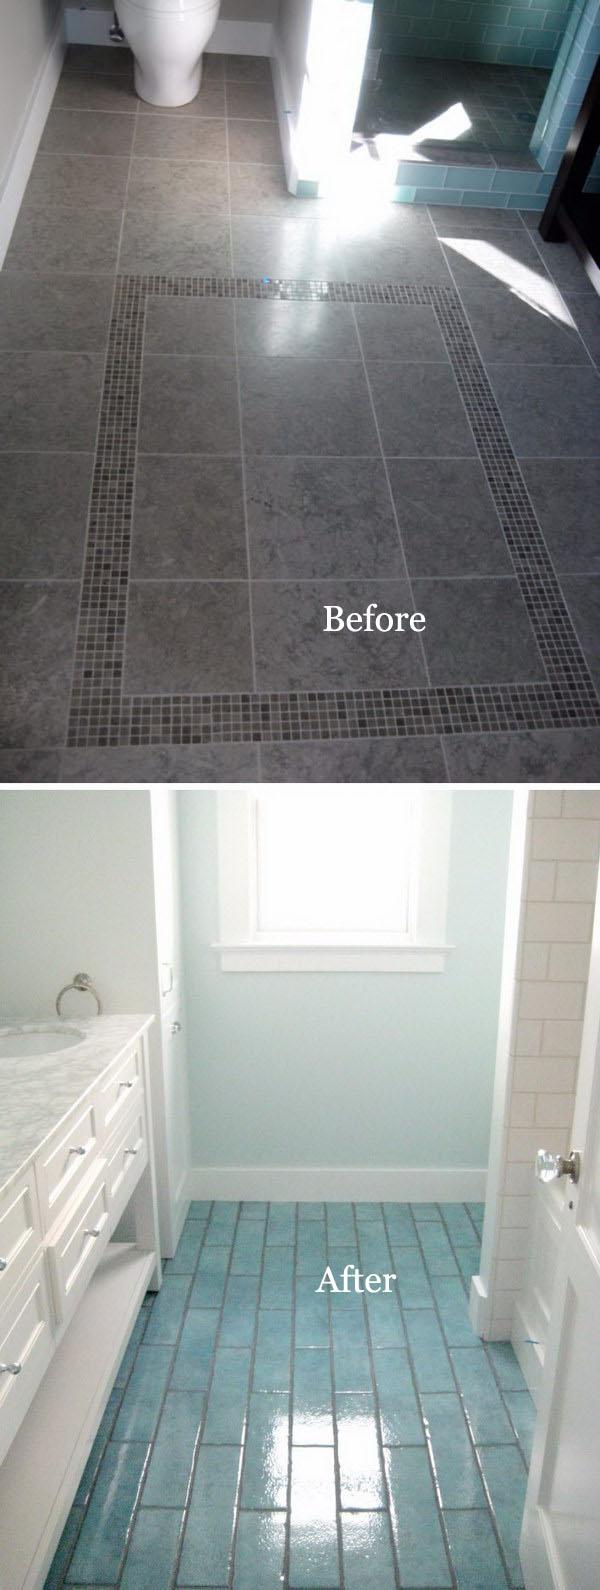 DIY Bathroom Flooring Remodel Using Aqua Blue Tiles.